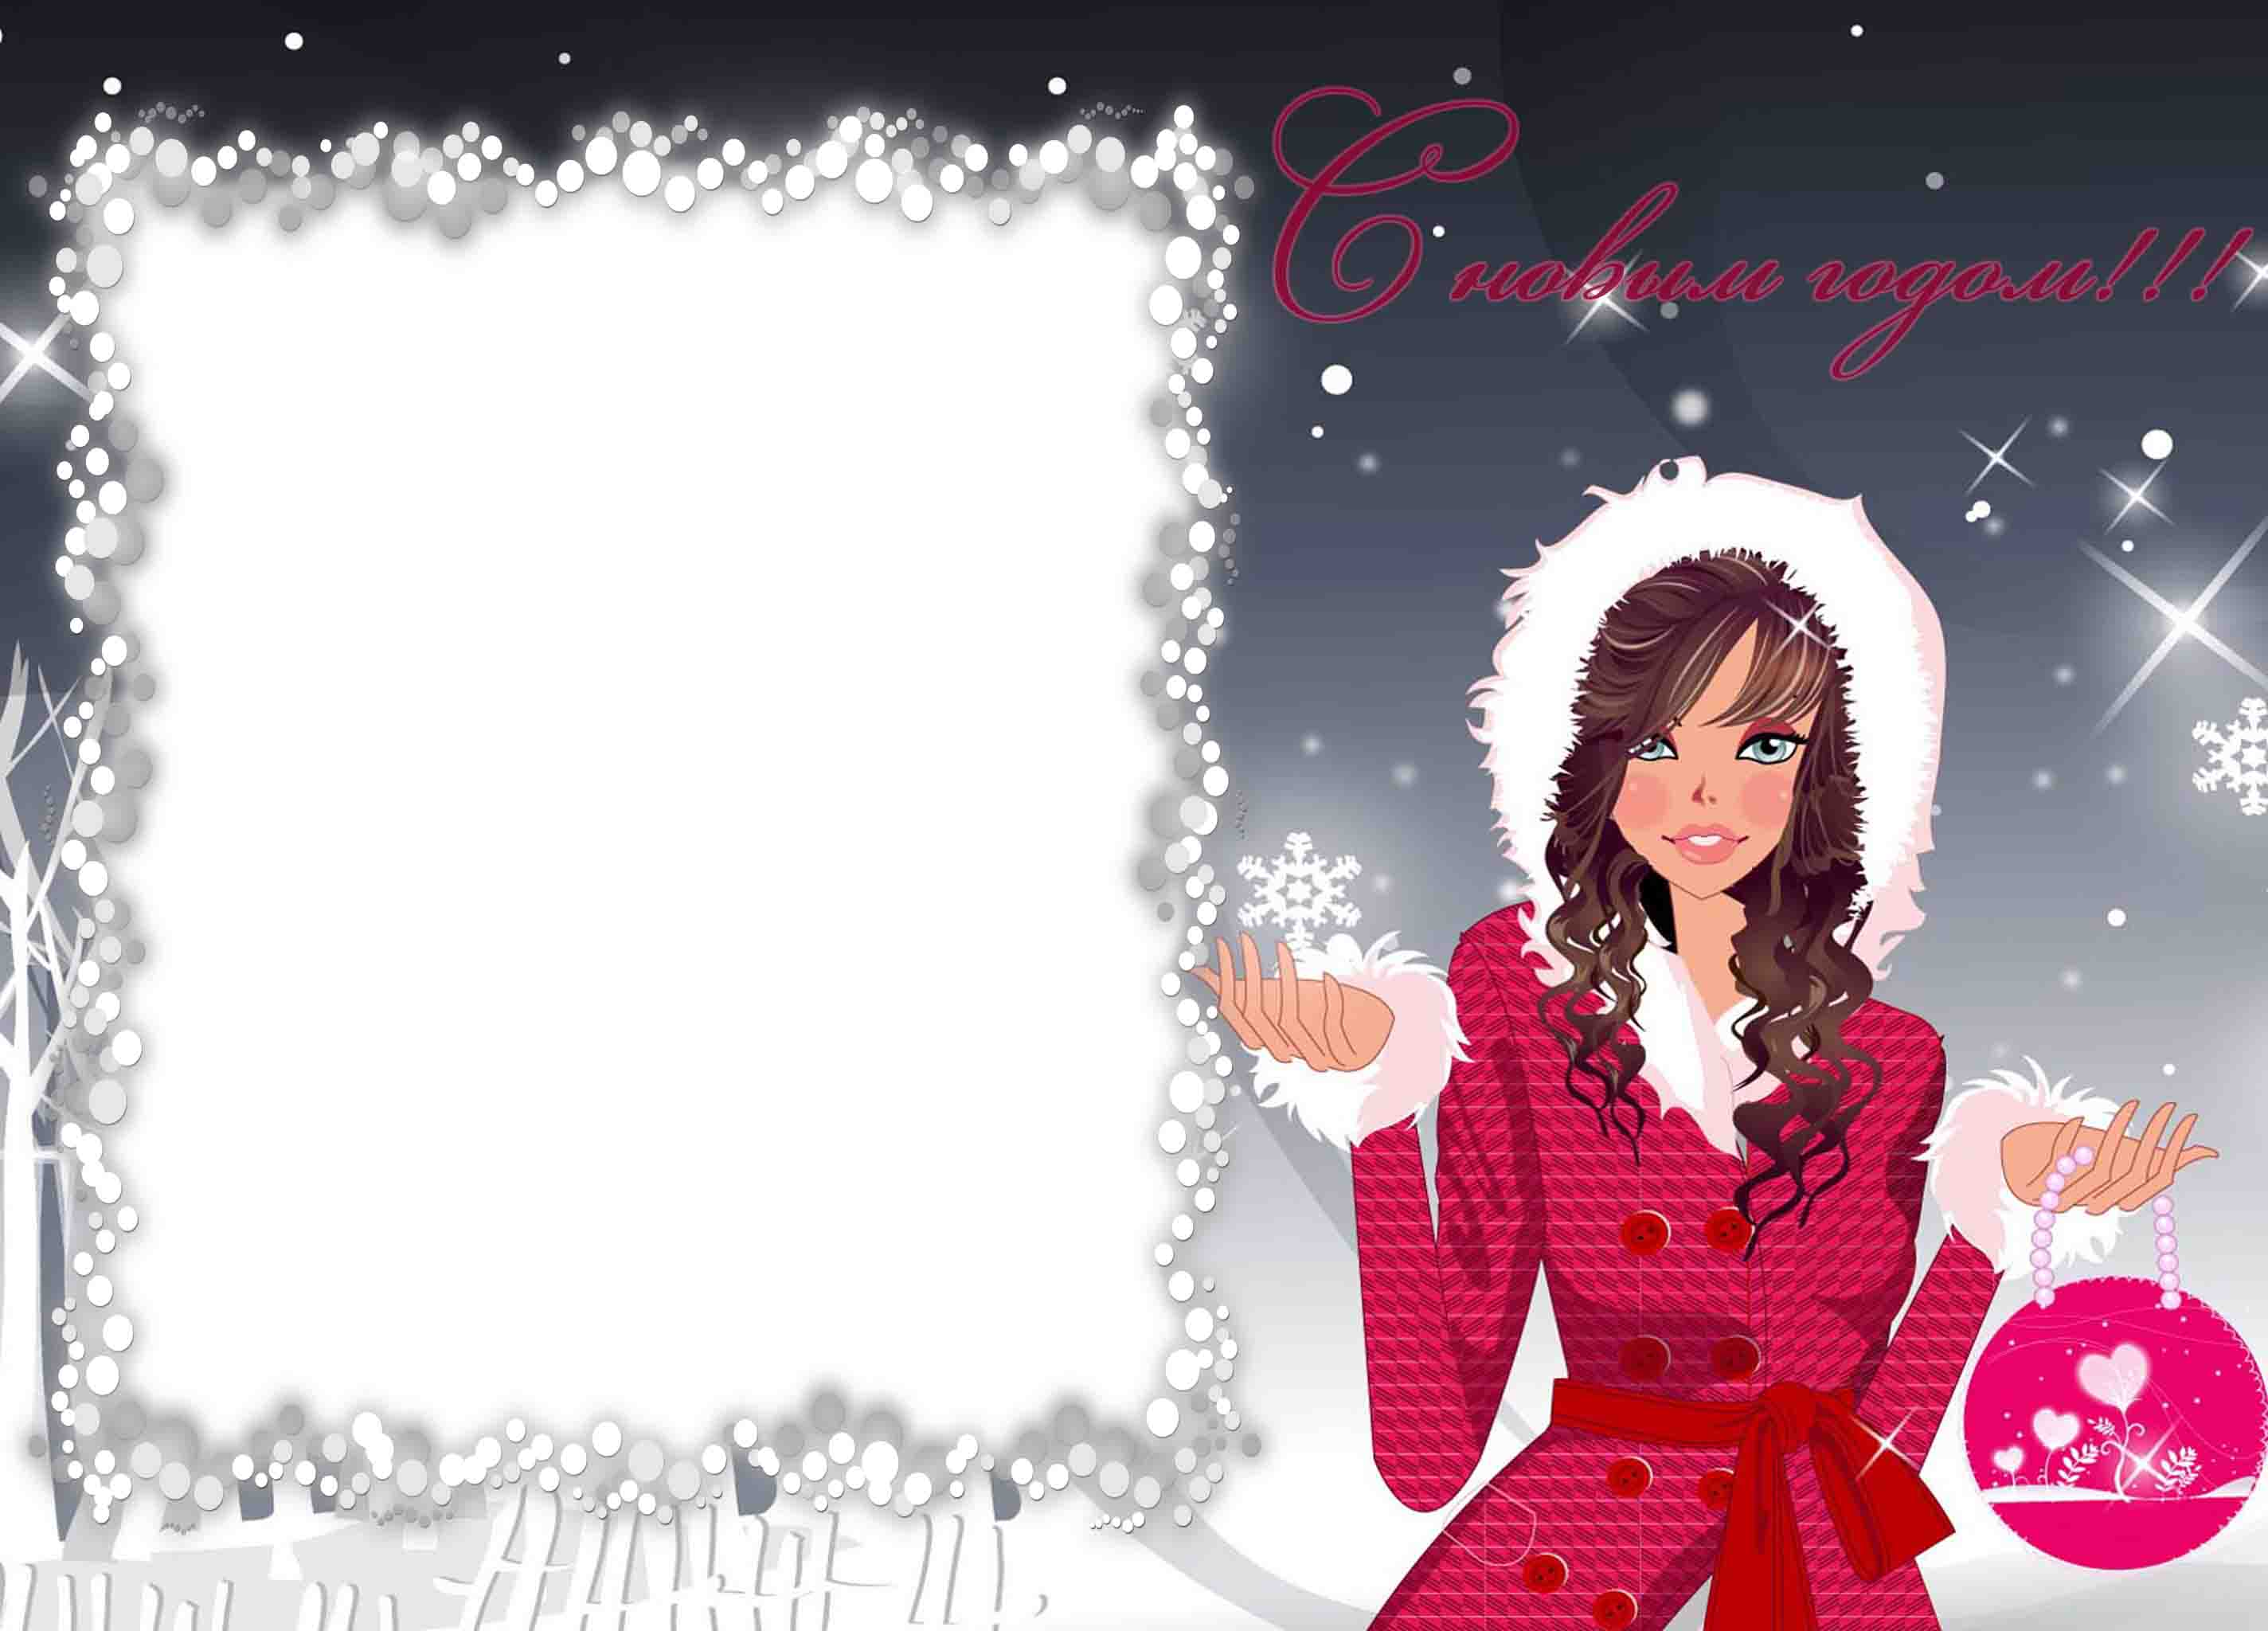 Новогодние рамки. Стильная новогодняя рамка для девочек, девушек и женщин на элегантном сером фоне с белыми и розовыми элементами. Новогодняя рамка рассчитана на вертикальную фотографию с неким налётом гламура, поскольку правую часть рамки занимает модная нарисованная девушка. Гламурная новогодняя рамка станет отличным дополнением к детской фотографии с яркими цветами.